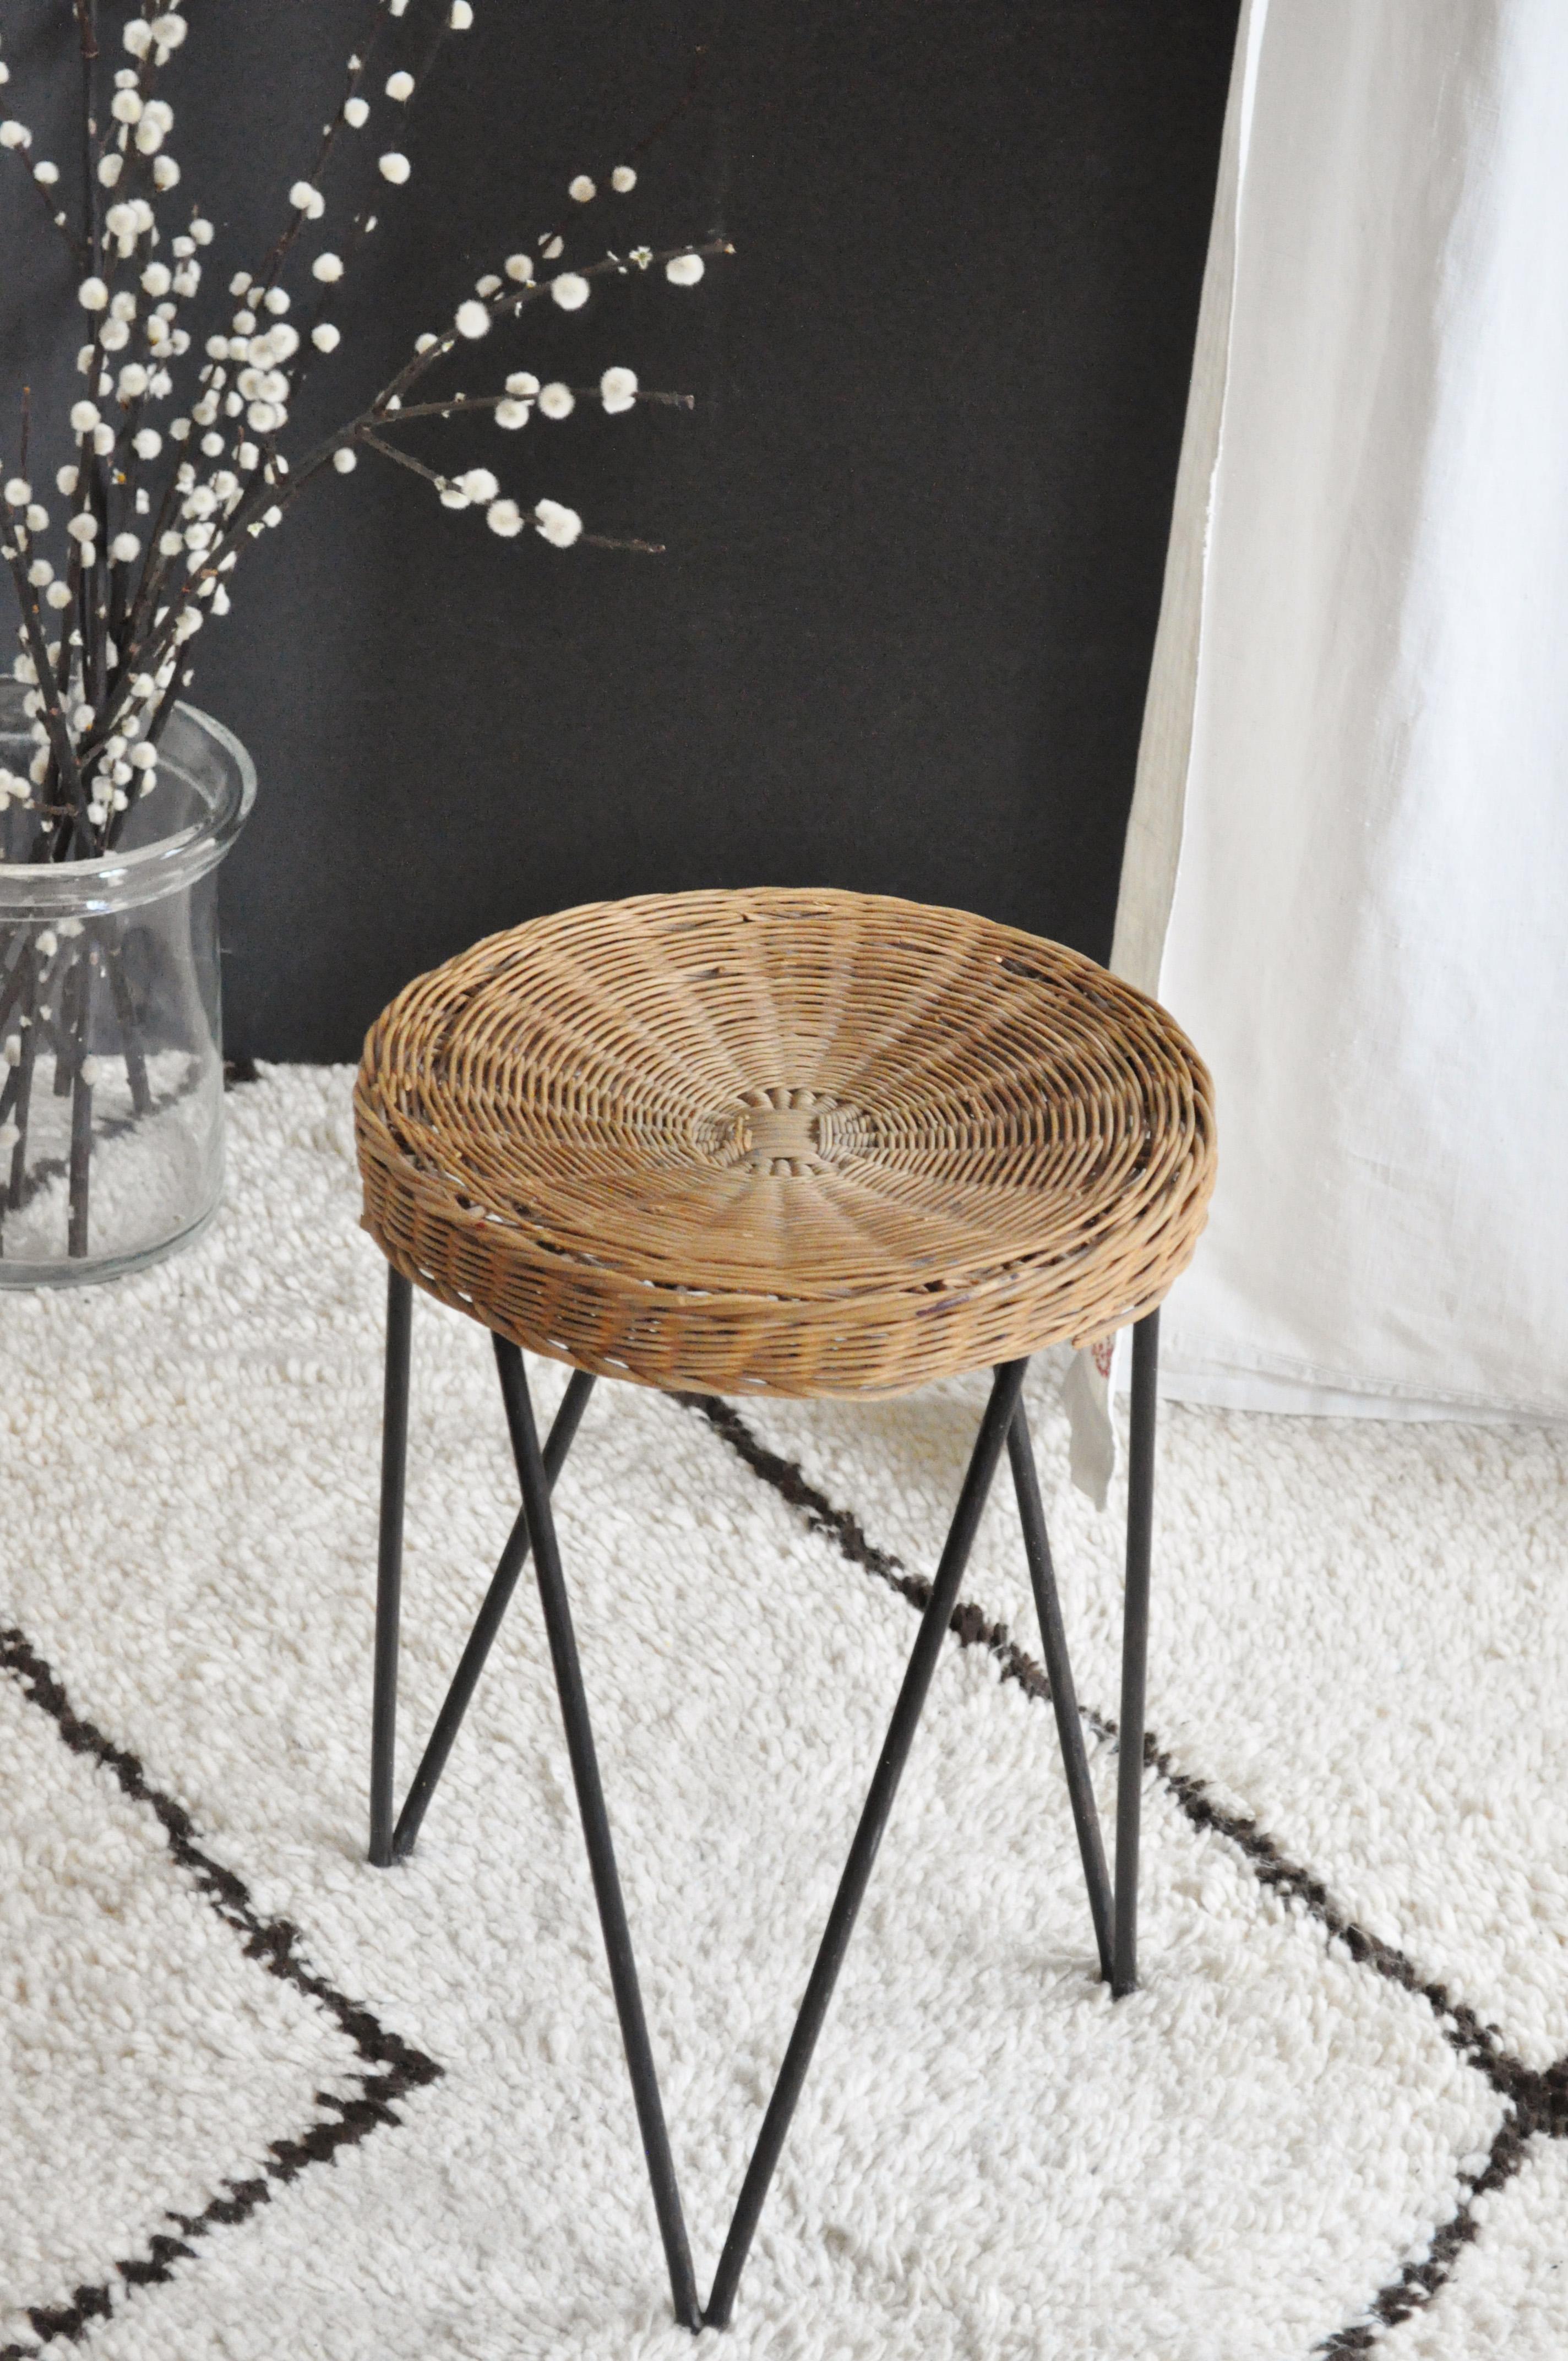 tabouret rotin m tal le vide grenier d 39 une parisienne. Black Bedroom Furniture Sets. Home Design Ideas